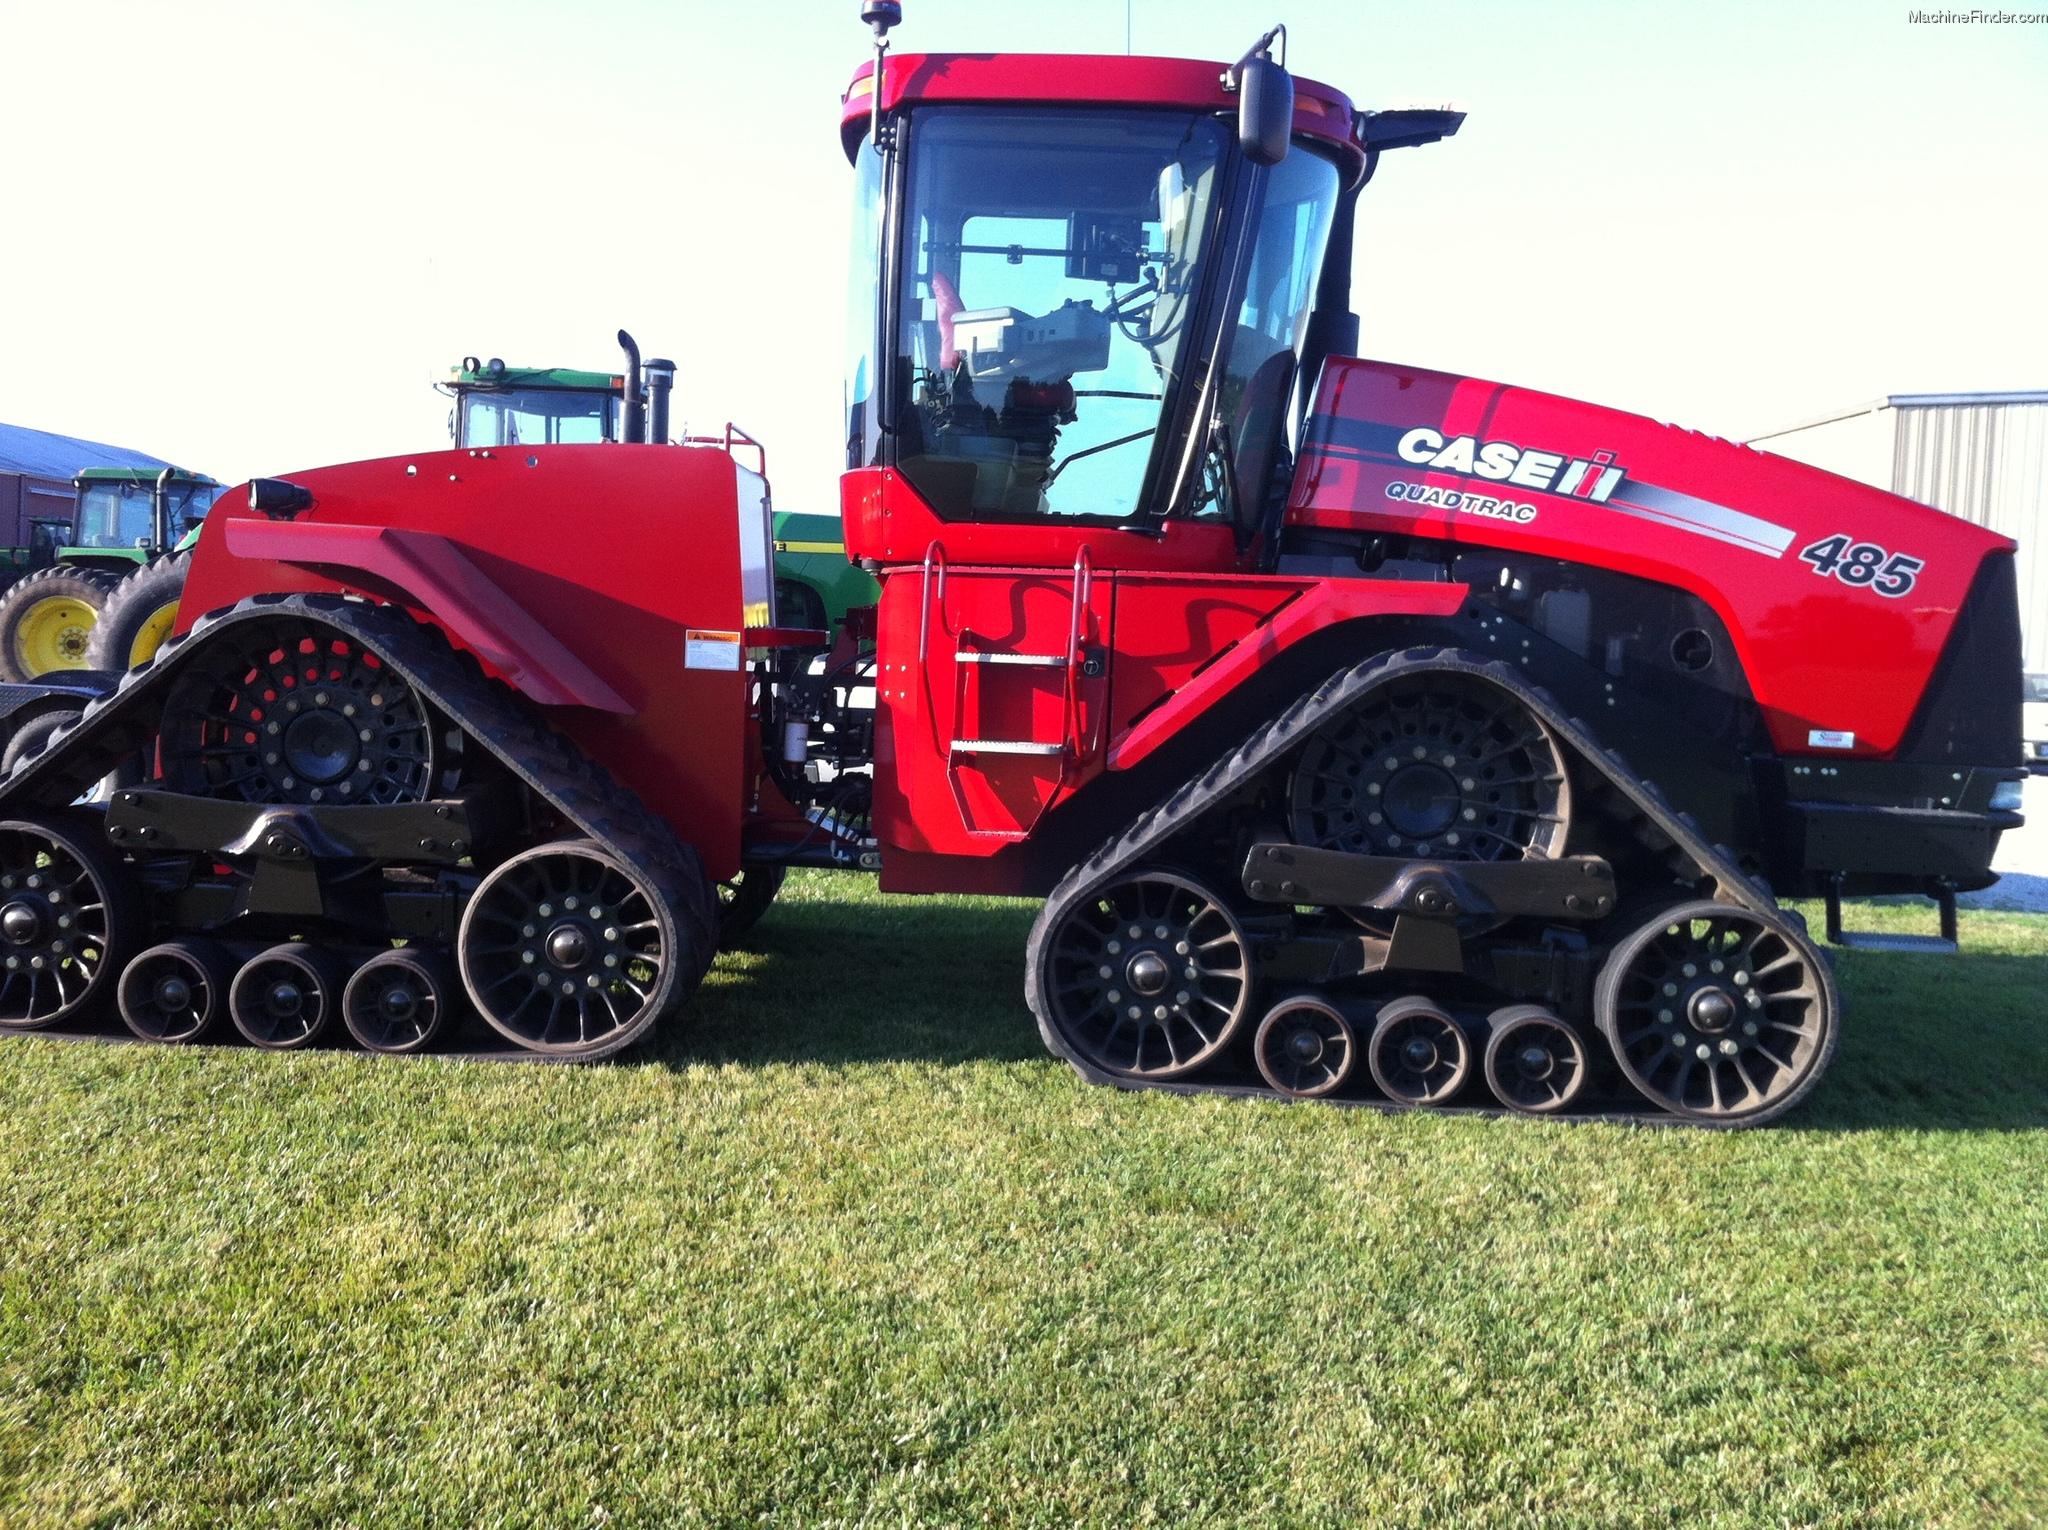 2010 Case Ih 485 Quadtrac Tractors